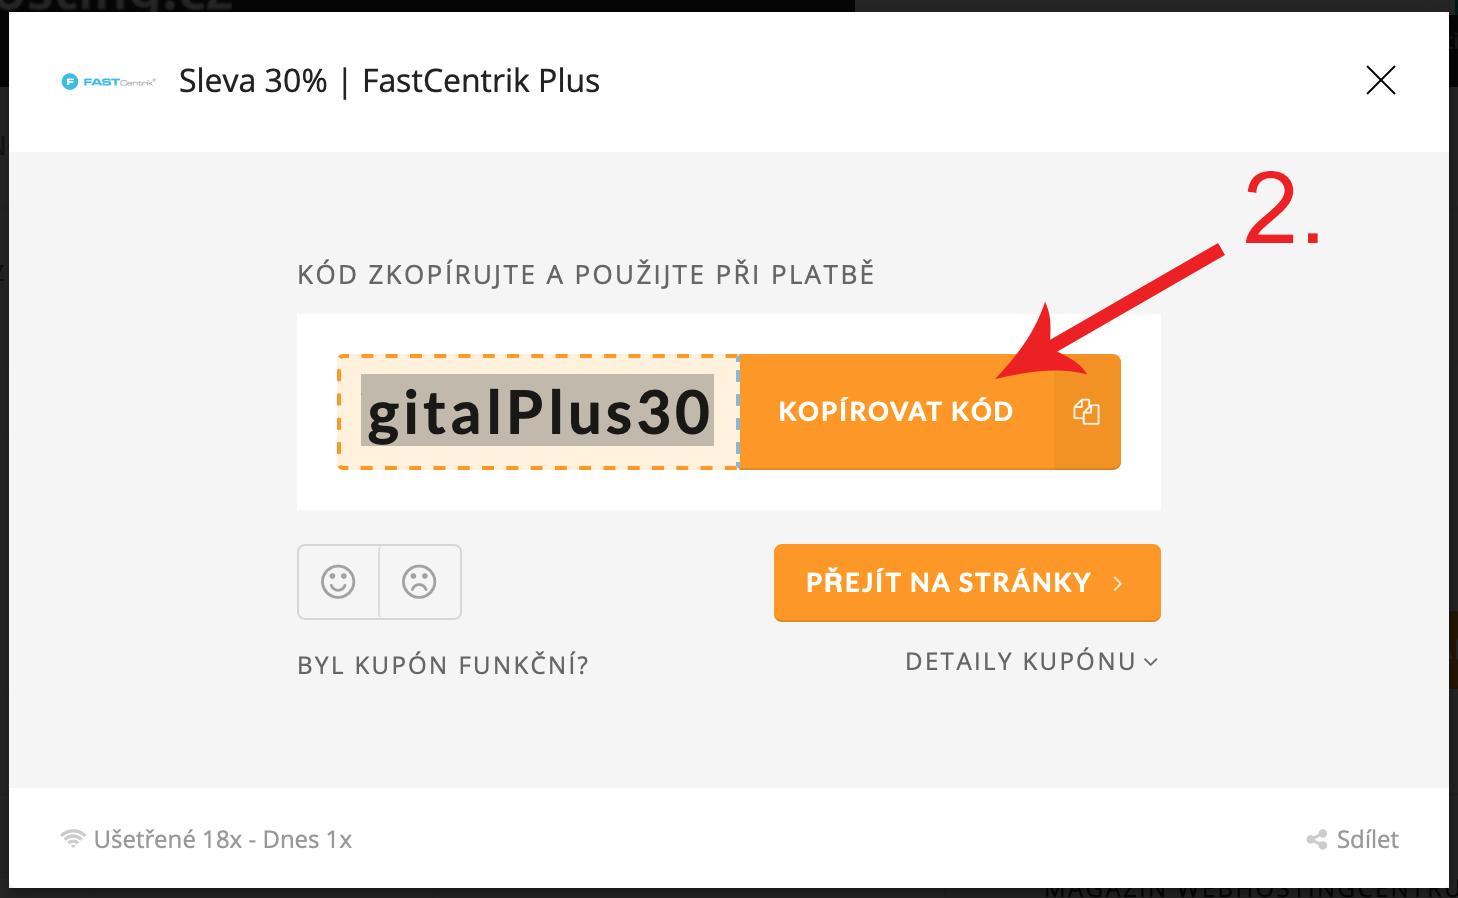 Jak uplatnit promo kupón Fastcentrik.cz